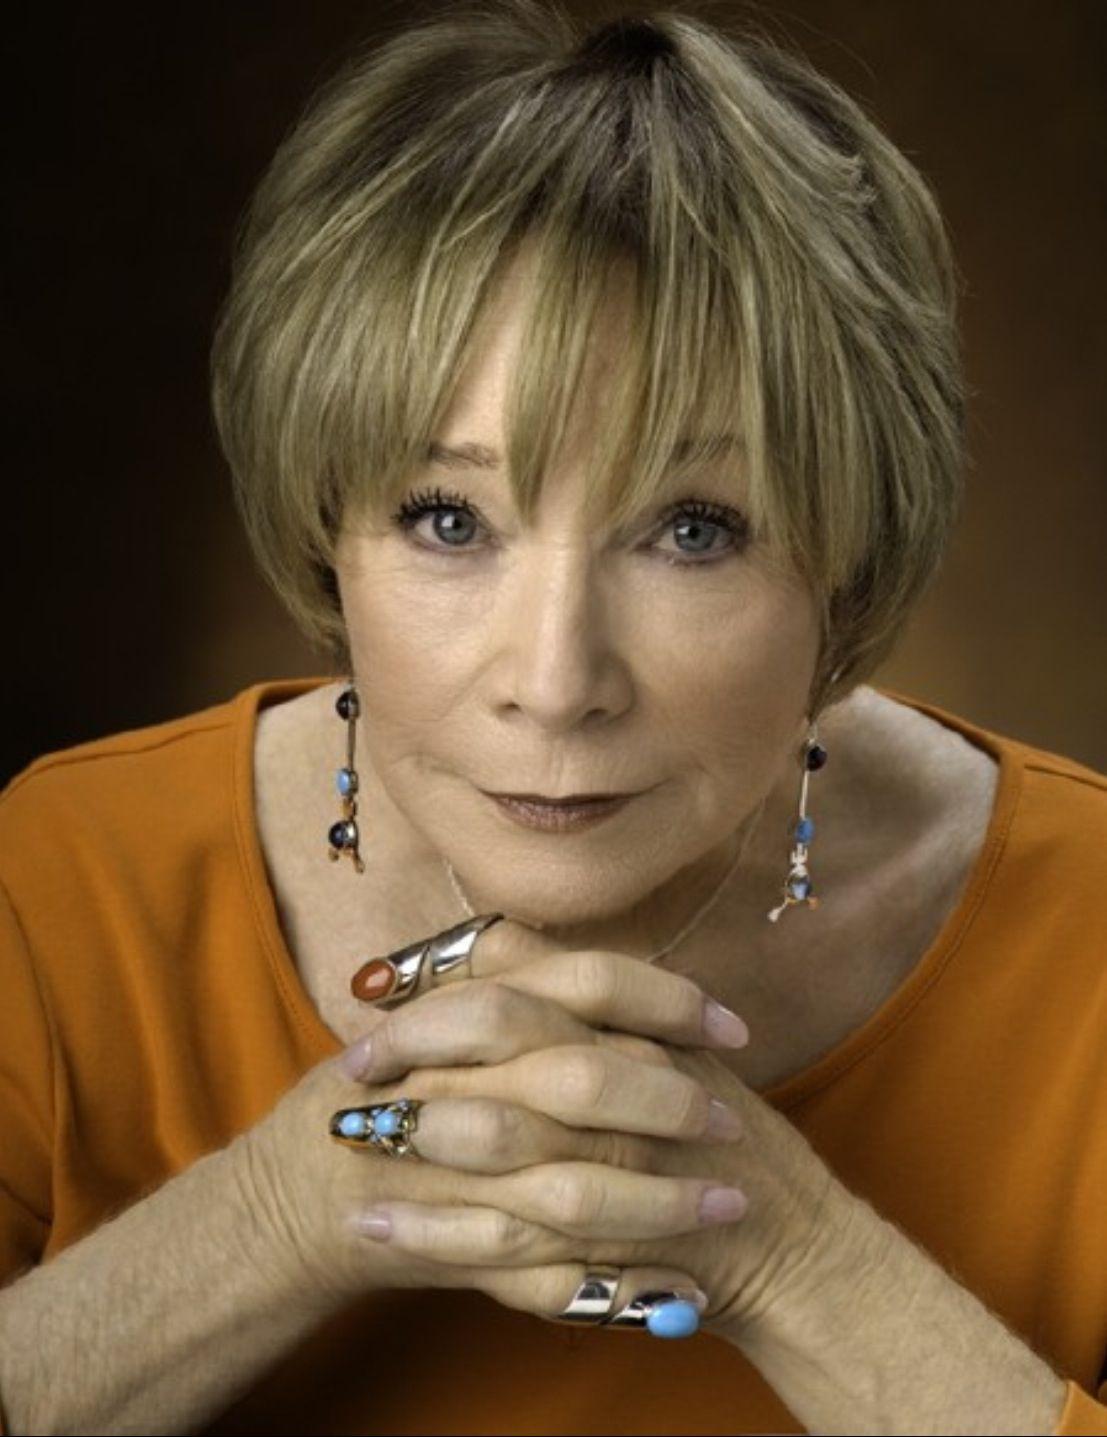 shirley maclaine lefty | left handed | older women